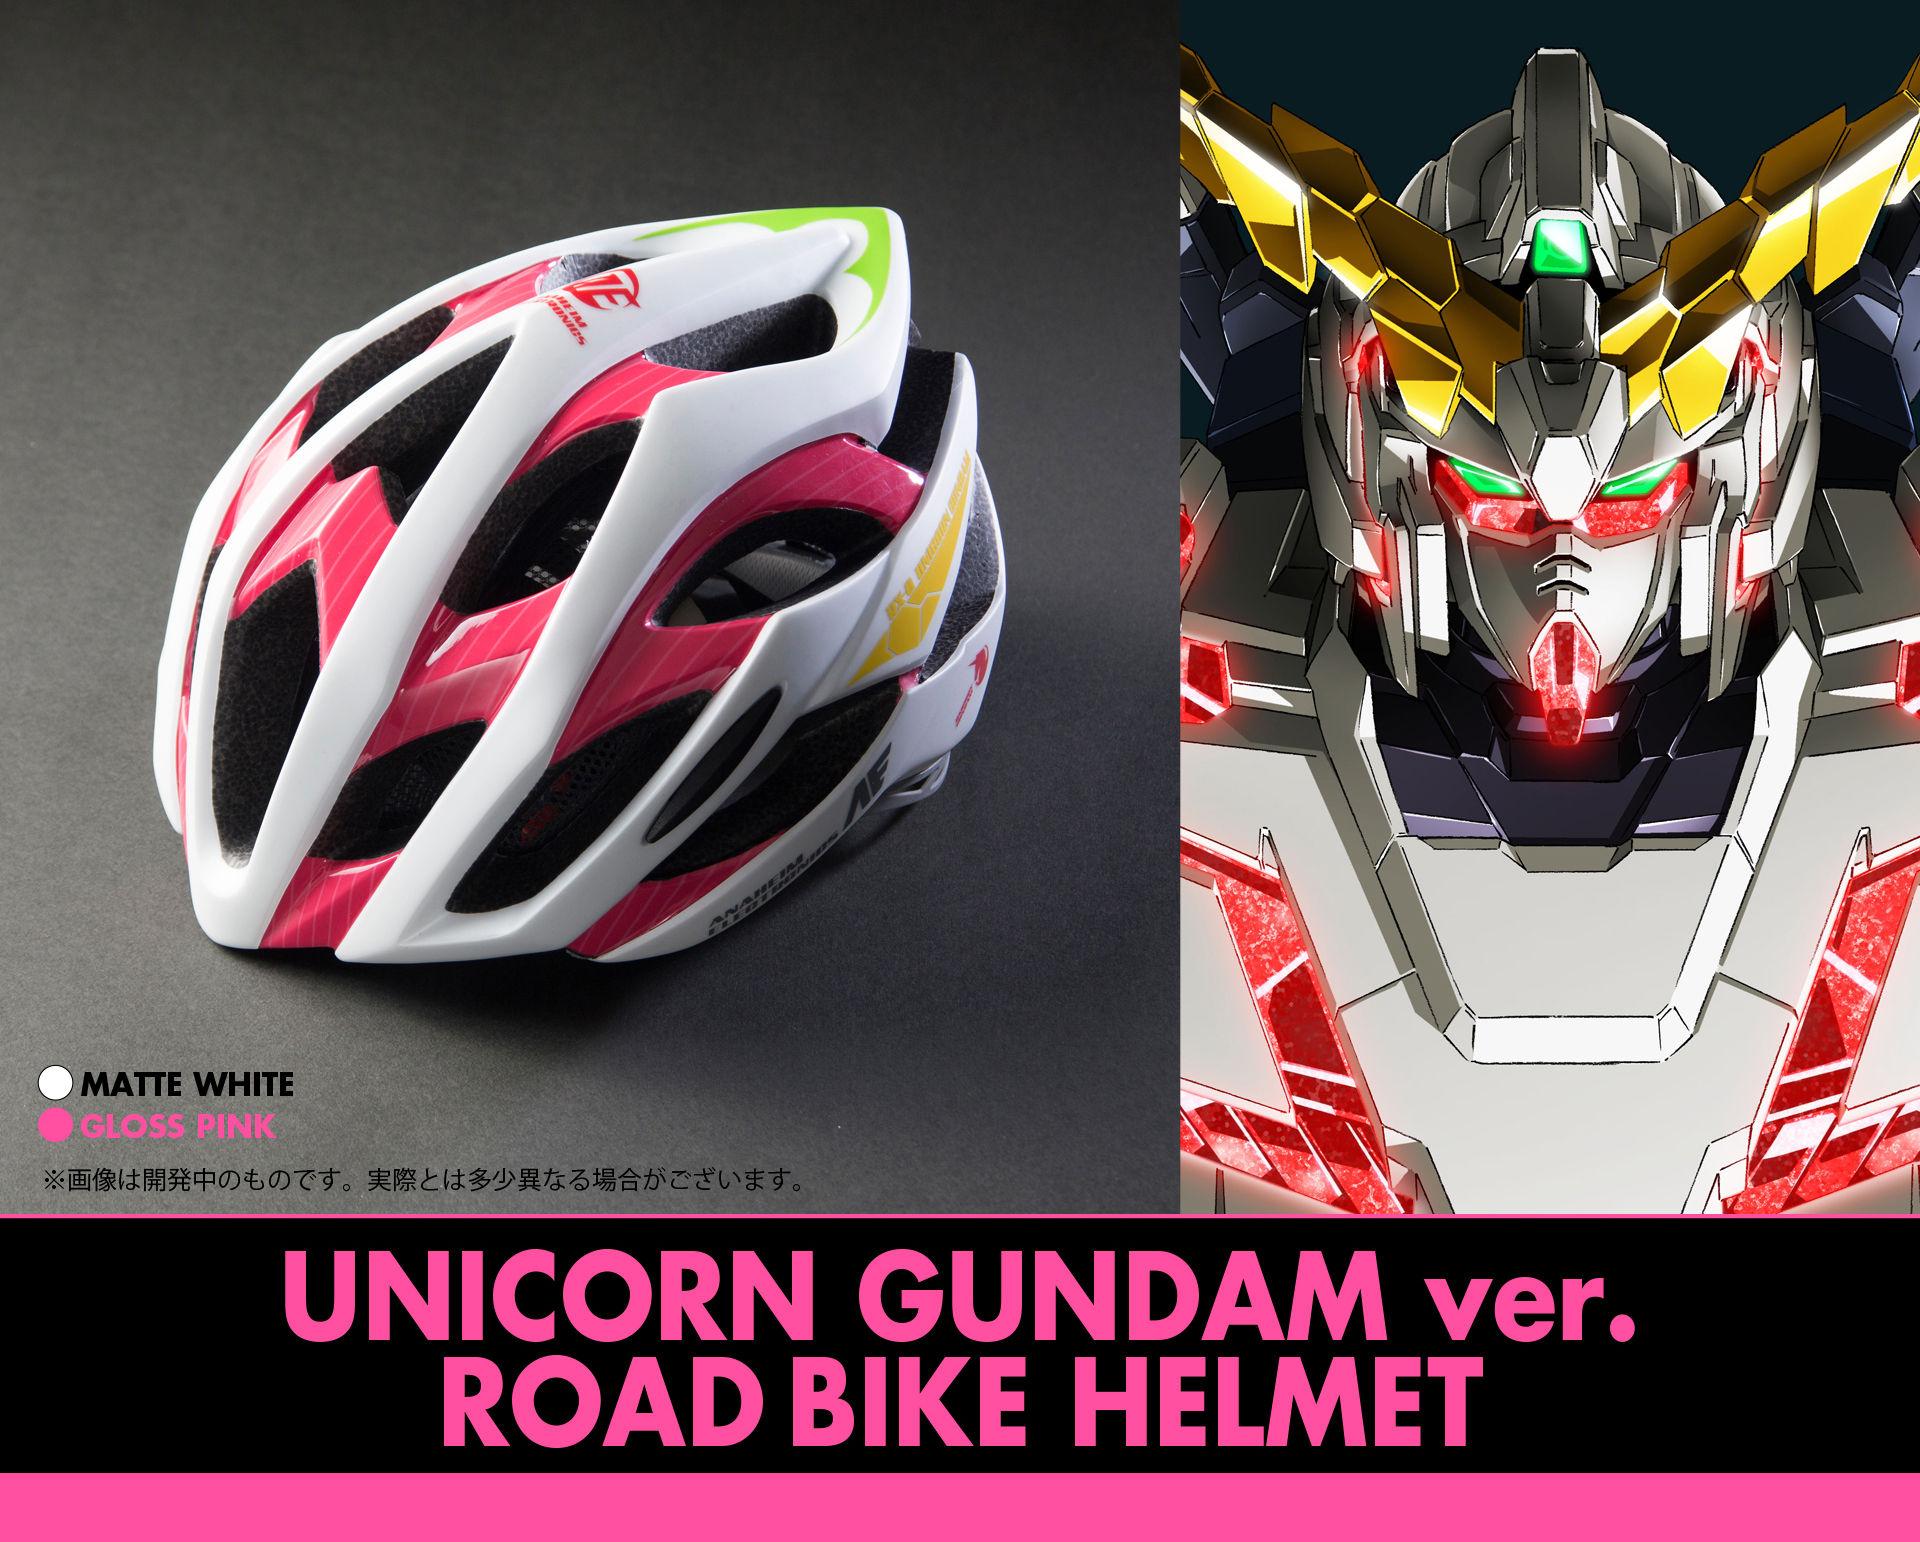 ヘルメット(ロードバイク用)UNICORN GUNDAM ver.